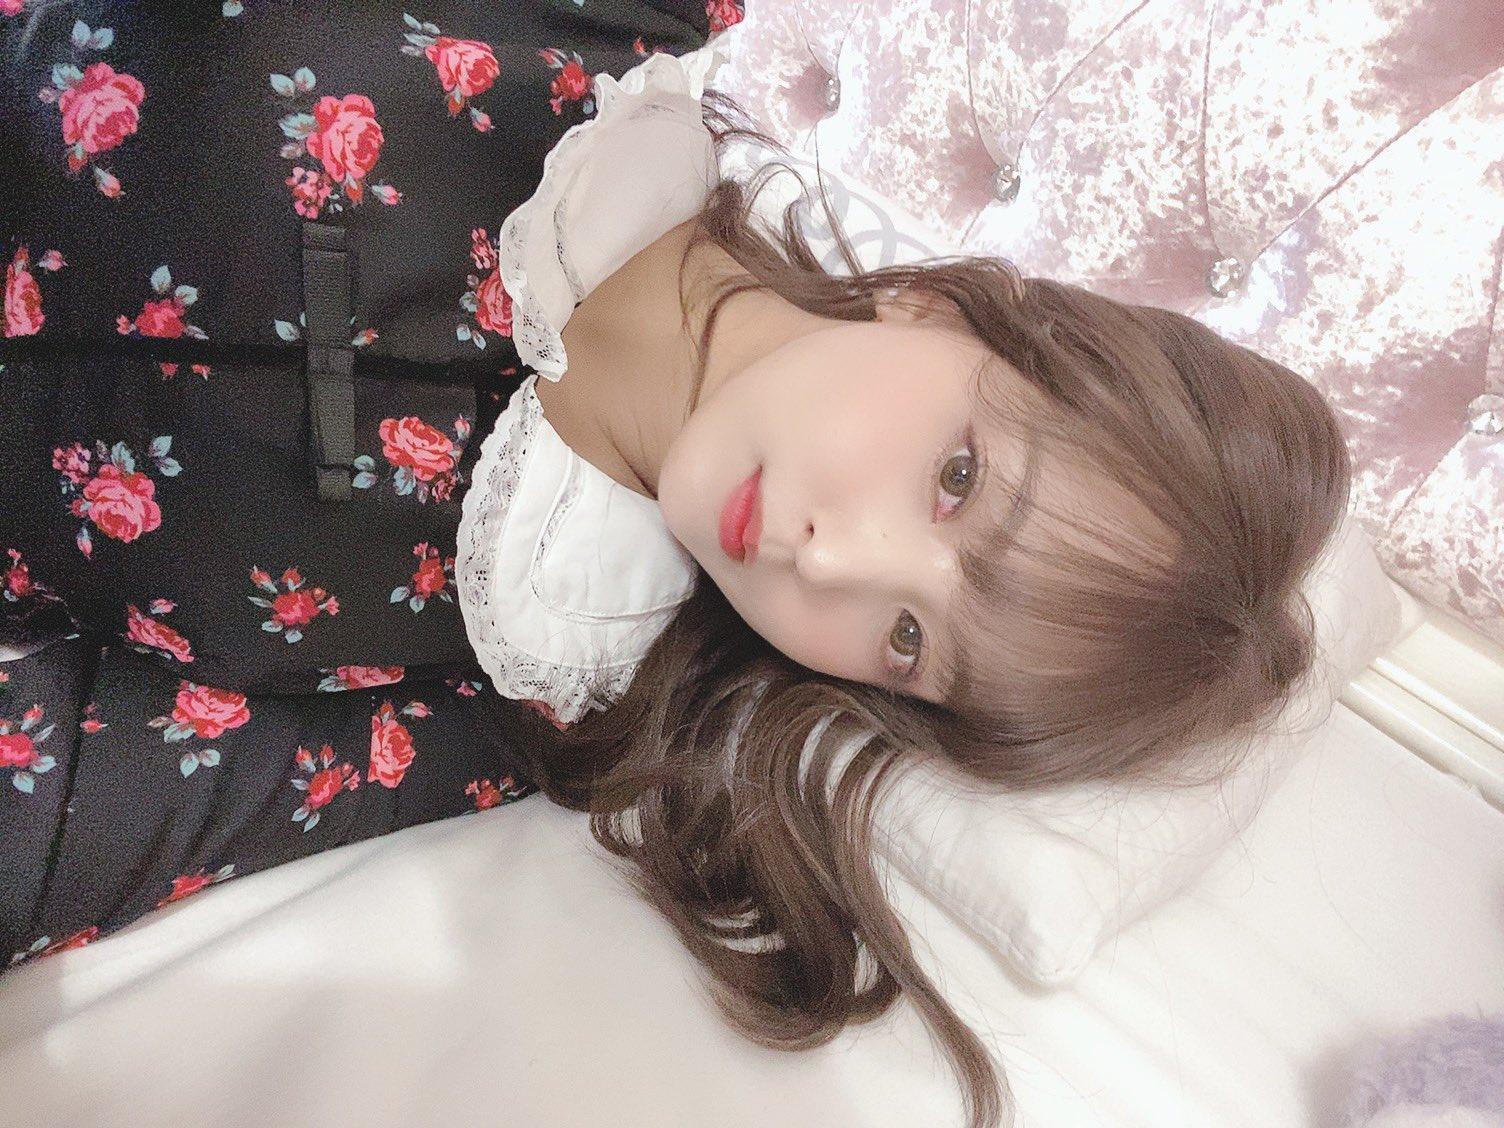 yua_mikami 1198067372394831872_p1